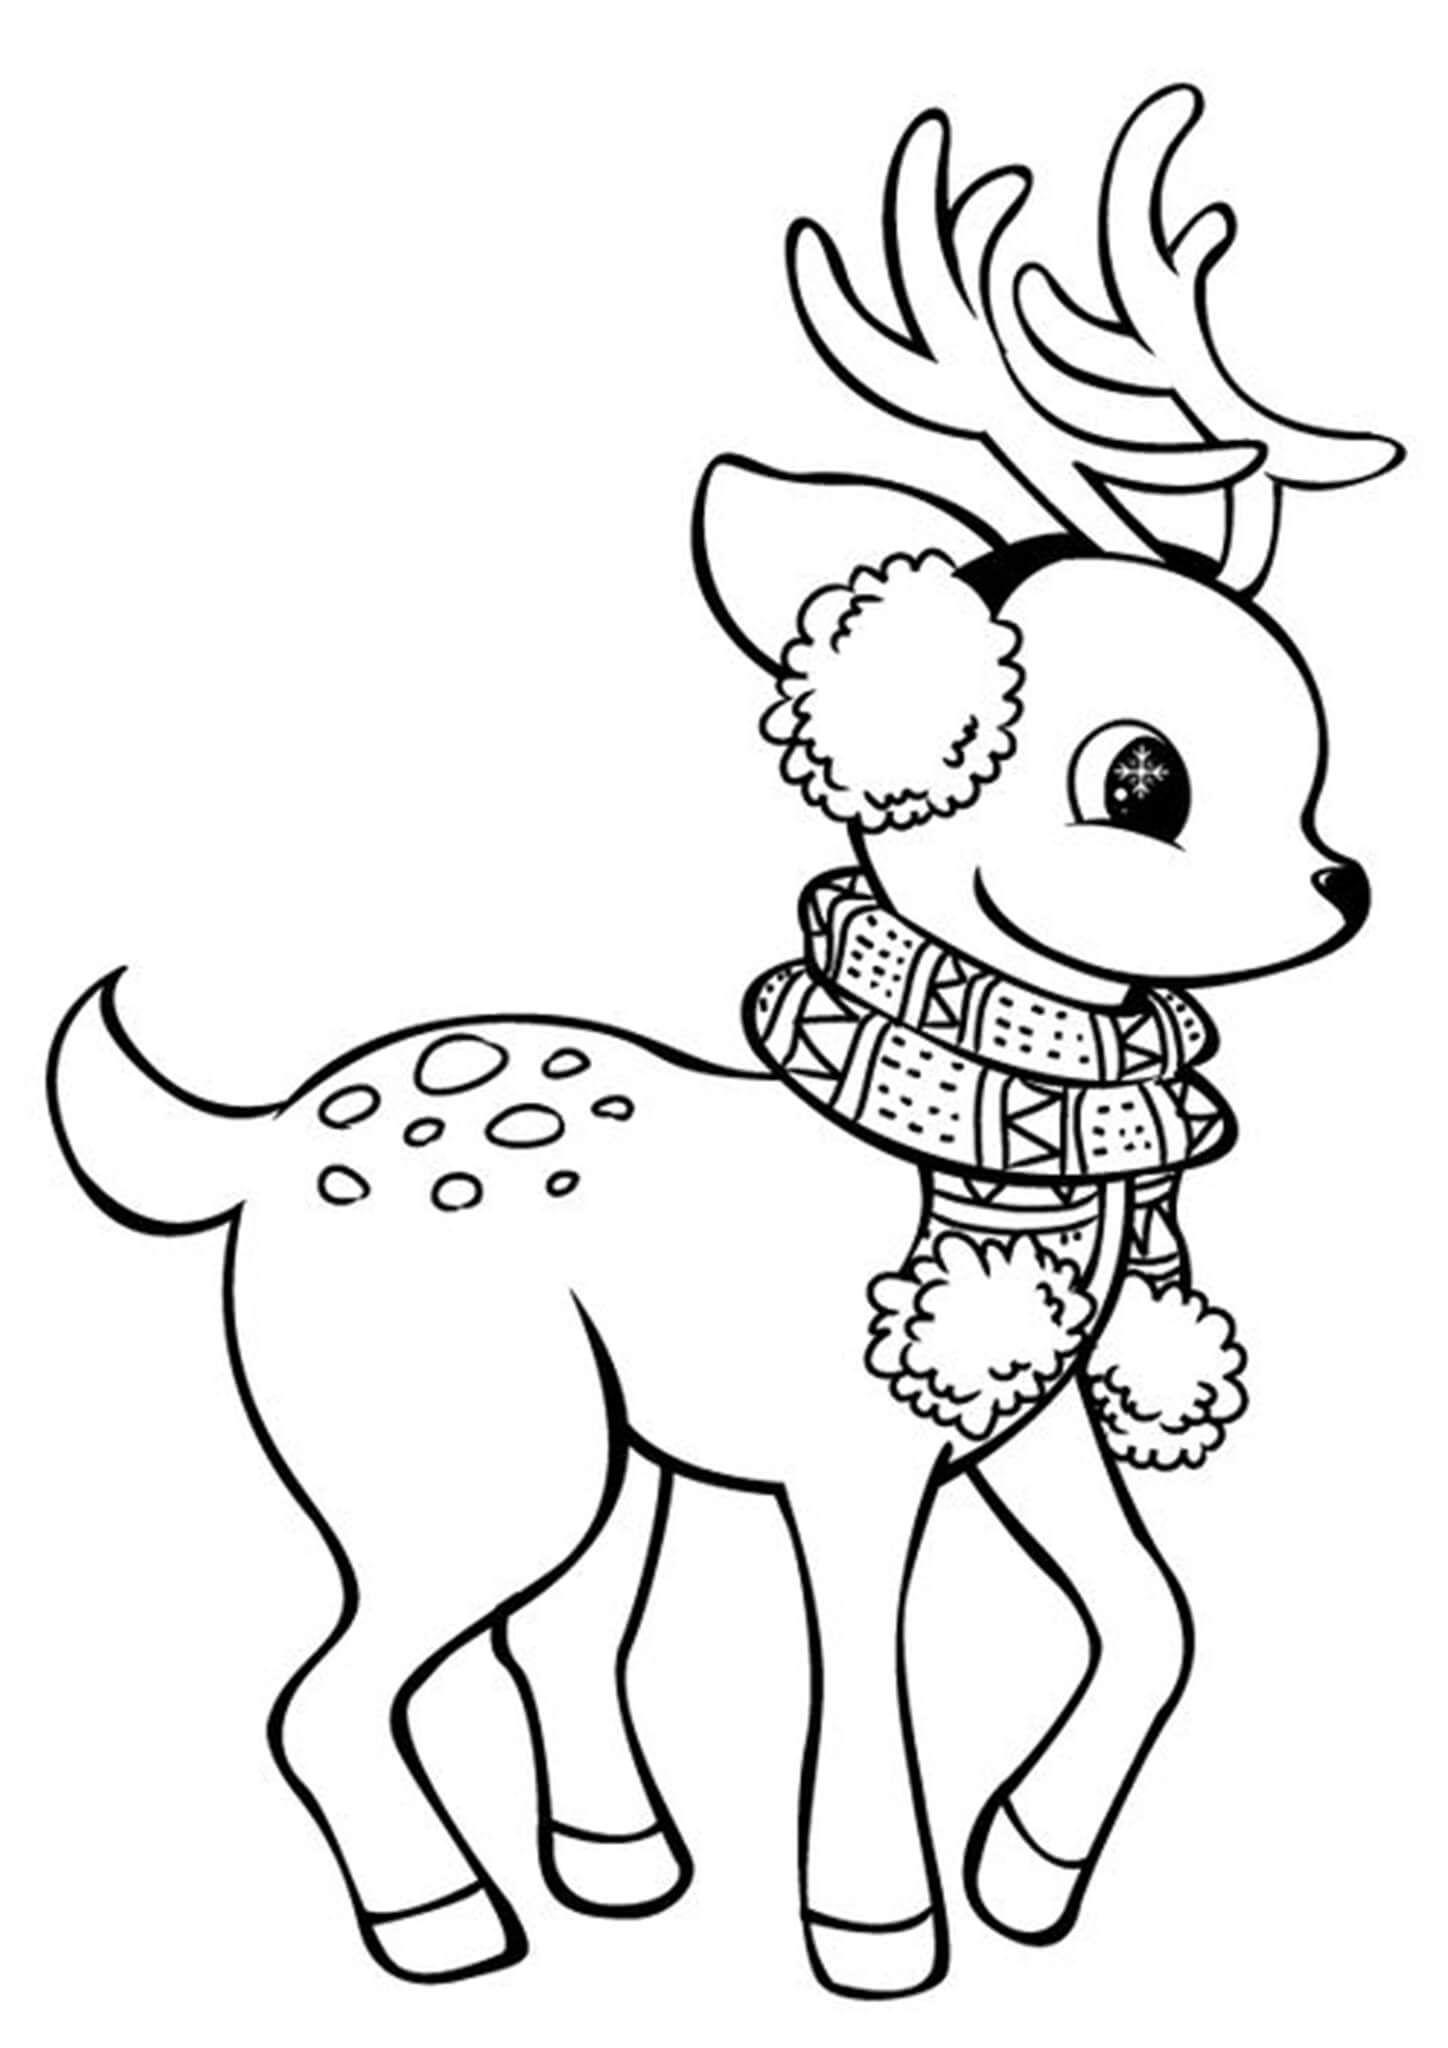 Free Printable Reindeer Coloring Pages Deer Coloring Pages Christmas Coloring Pages Reindeer Drawing